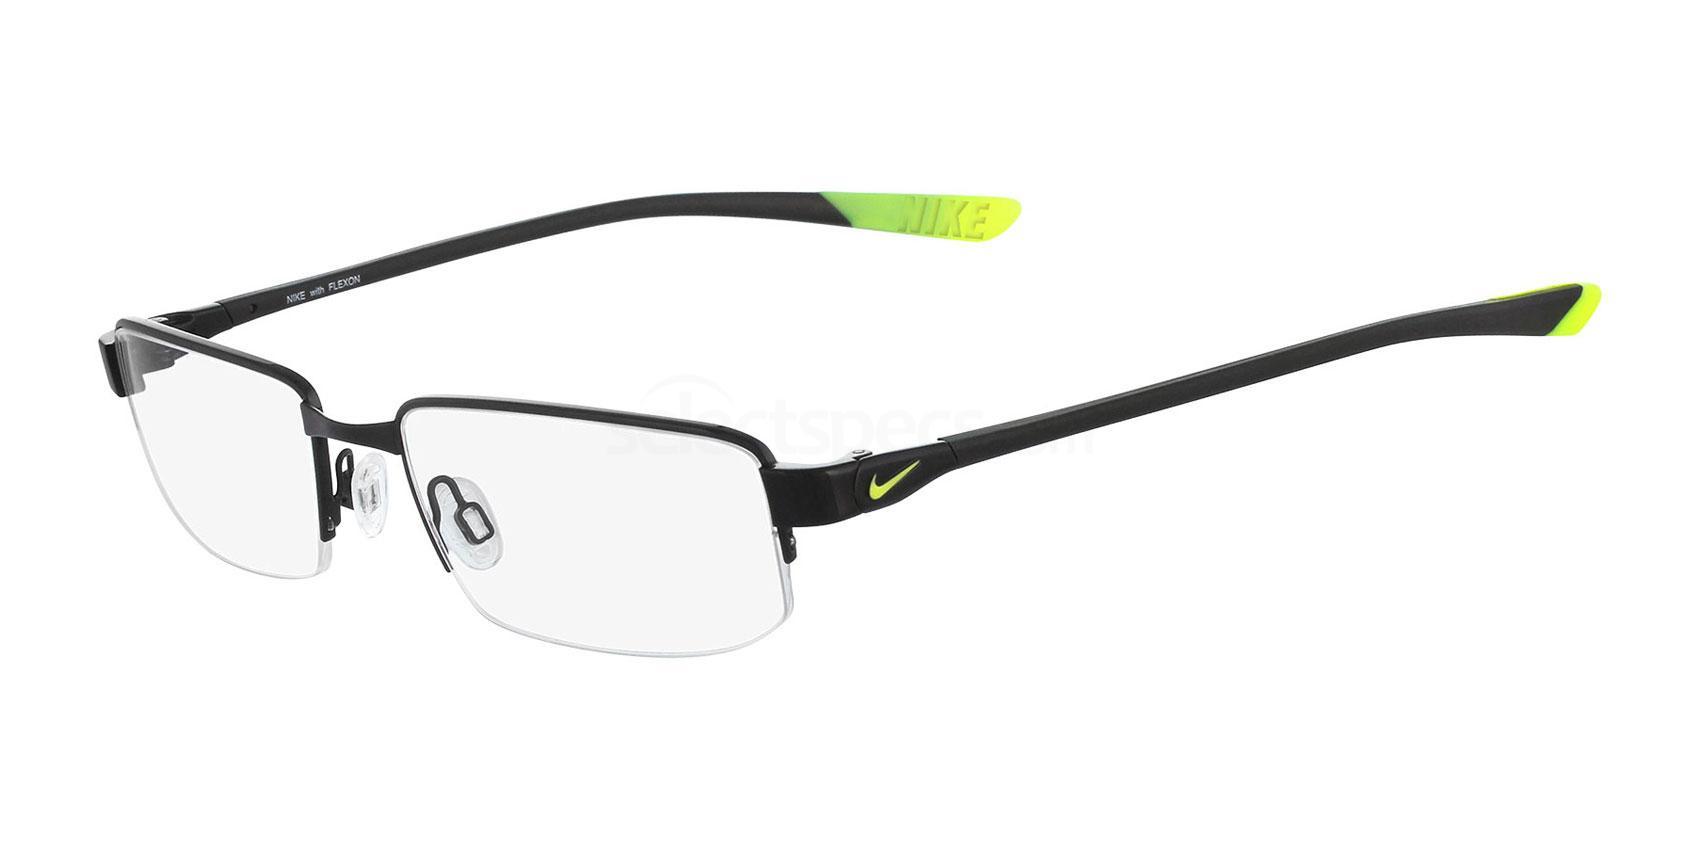 003 NIKE 4275 Glasses, Nike